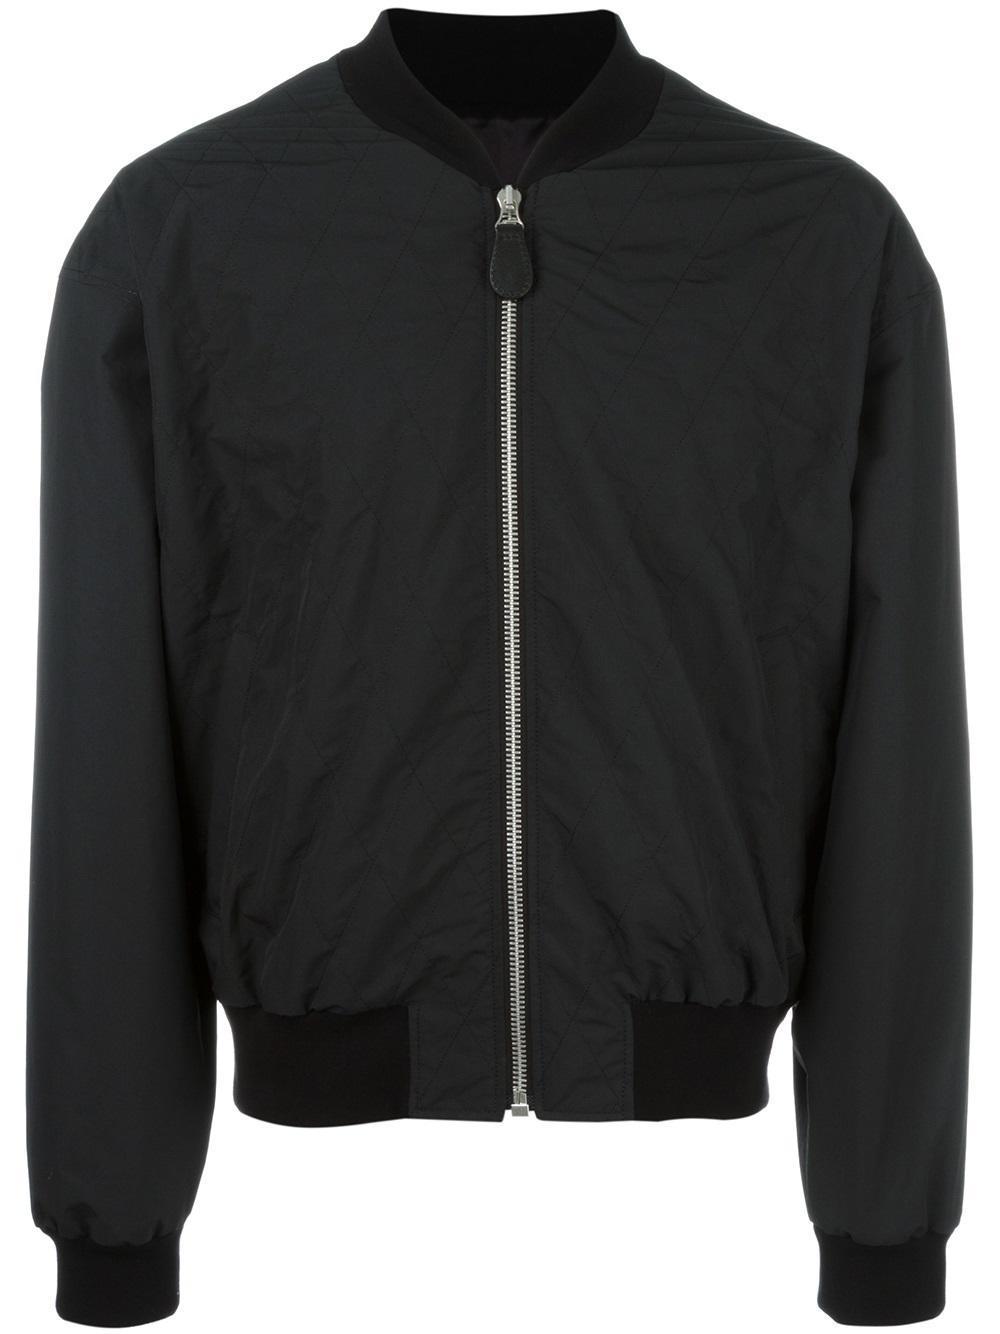 Maison Margiela Diamond Stitch Bomber Jacket In Black For